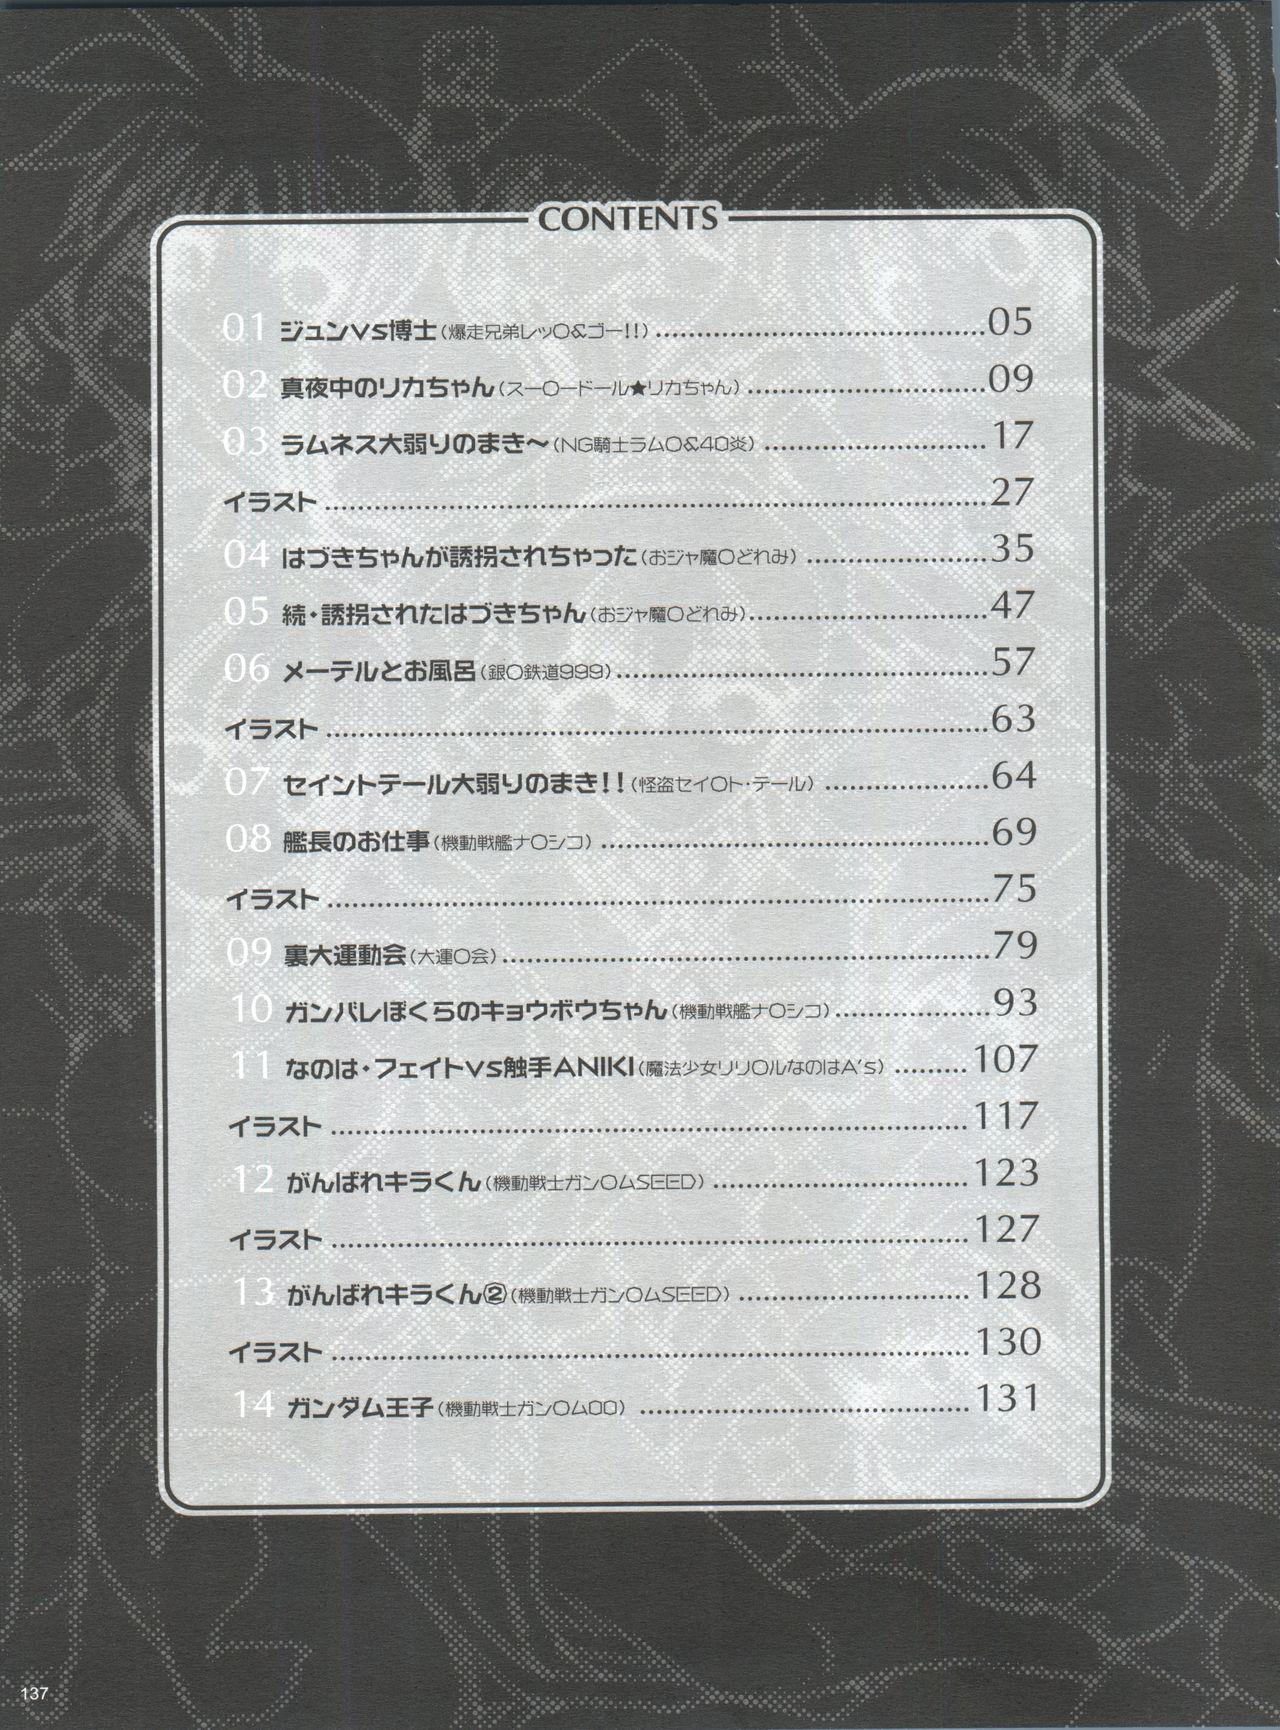 Wanpaku Anime Daihyakka Nanno Koto Jisensyuu Vol. 1 138